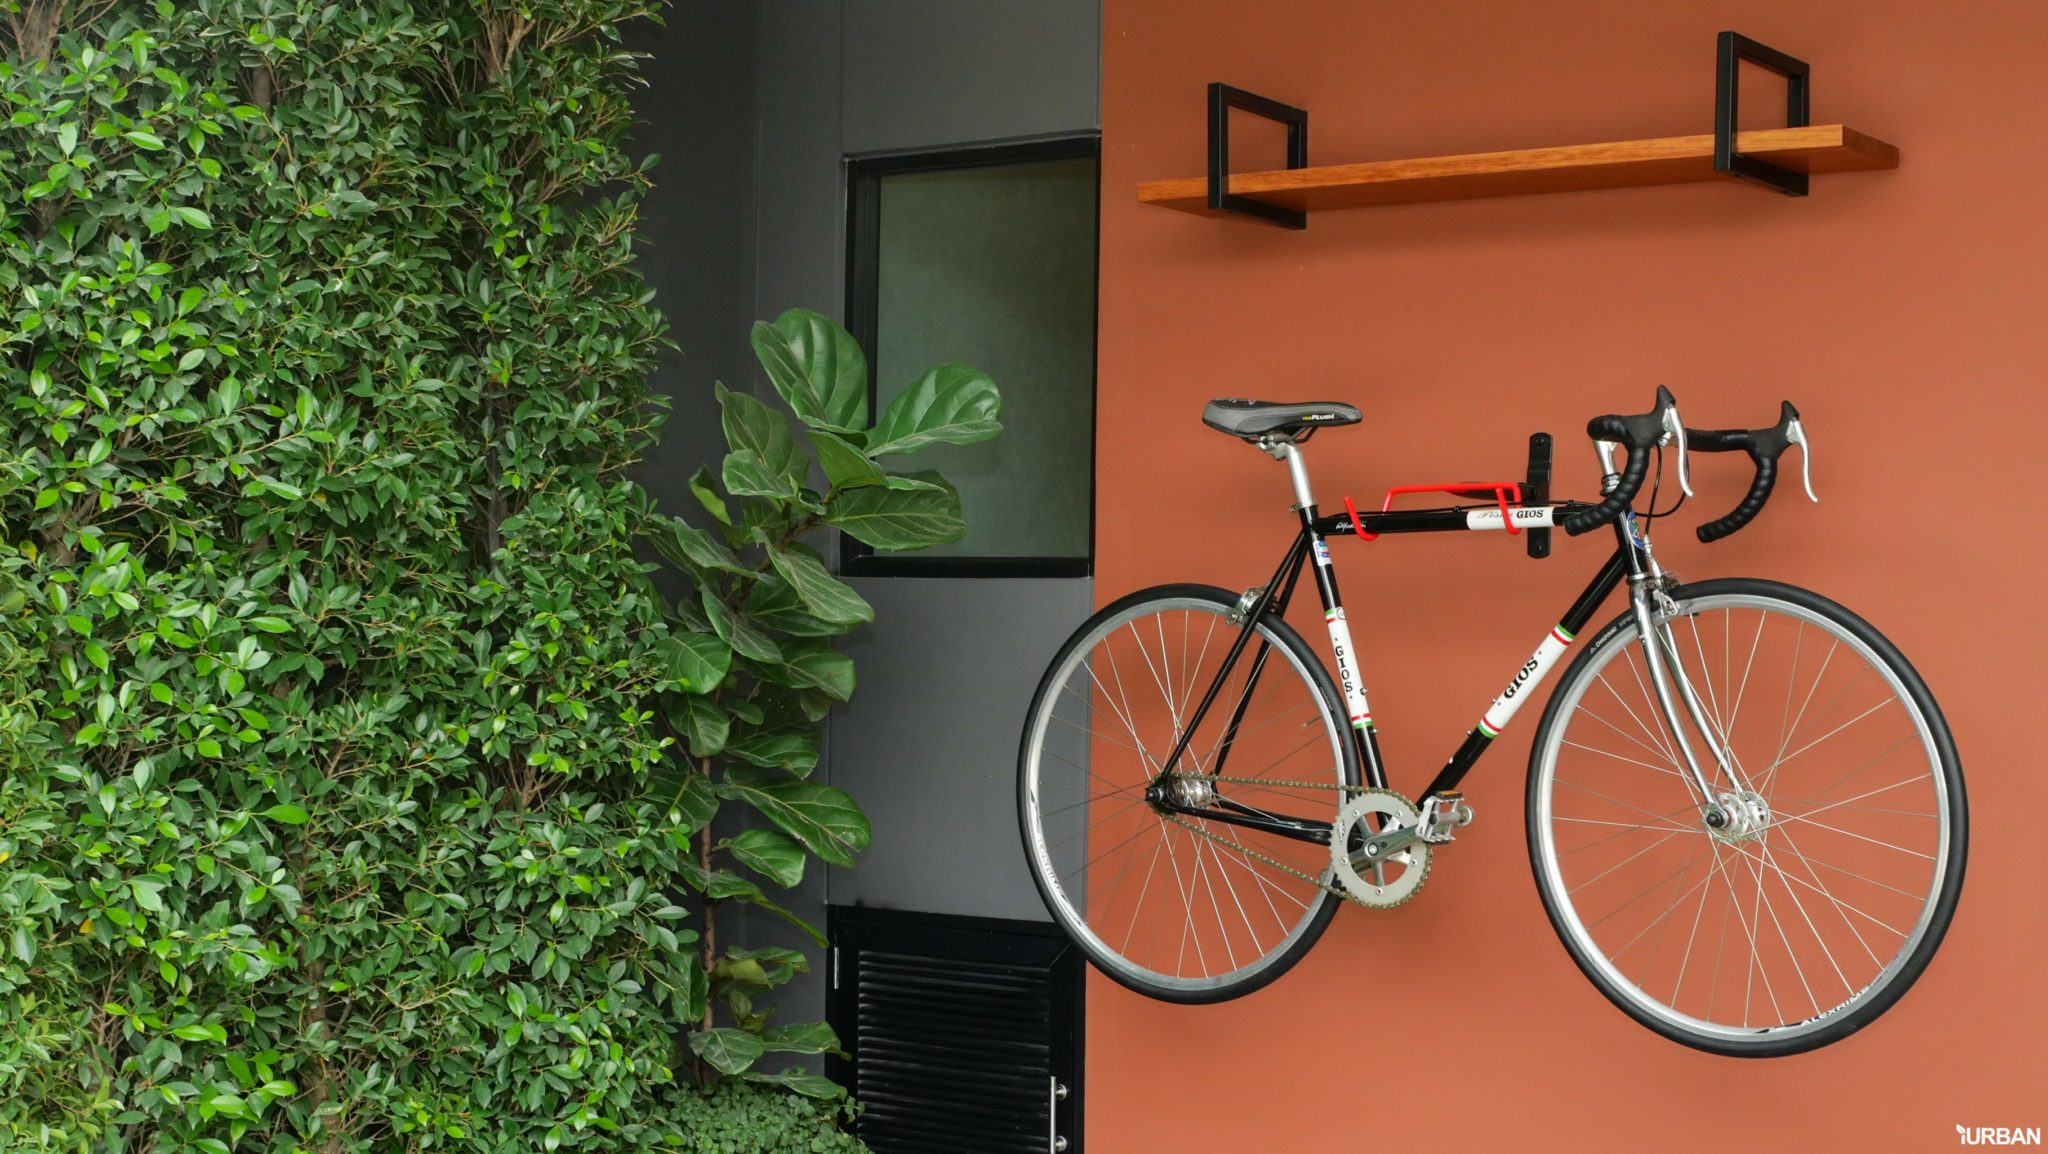 สิริ เพลส จรัญฯ-ปิ่นเกล้า ทาวน์โฮมแสนสิริสะท้อนทุกไลฟ์สไตล์ในแบบคุณ 57 - Premium